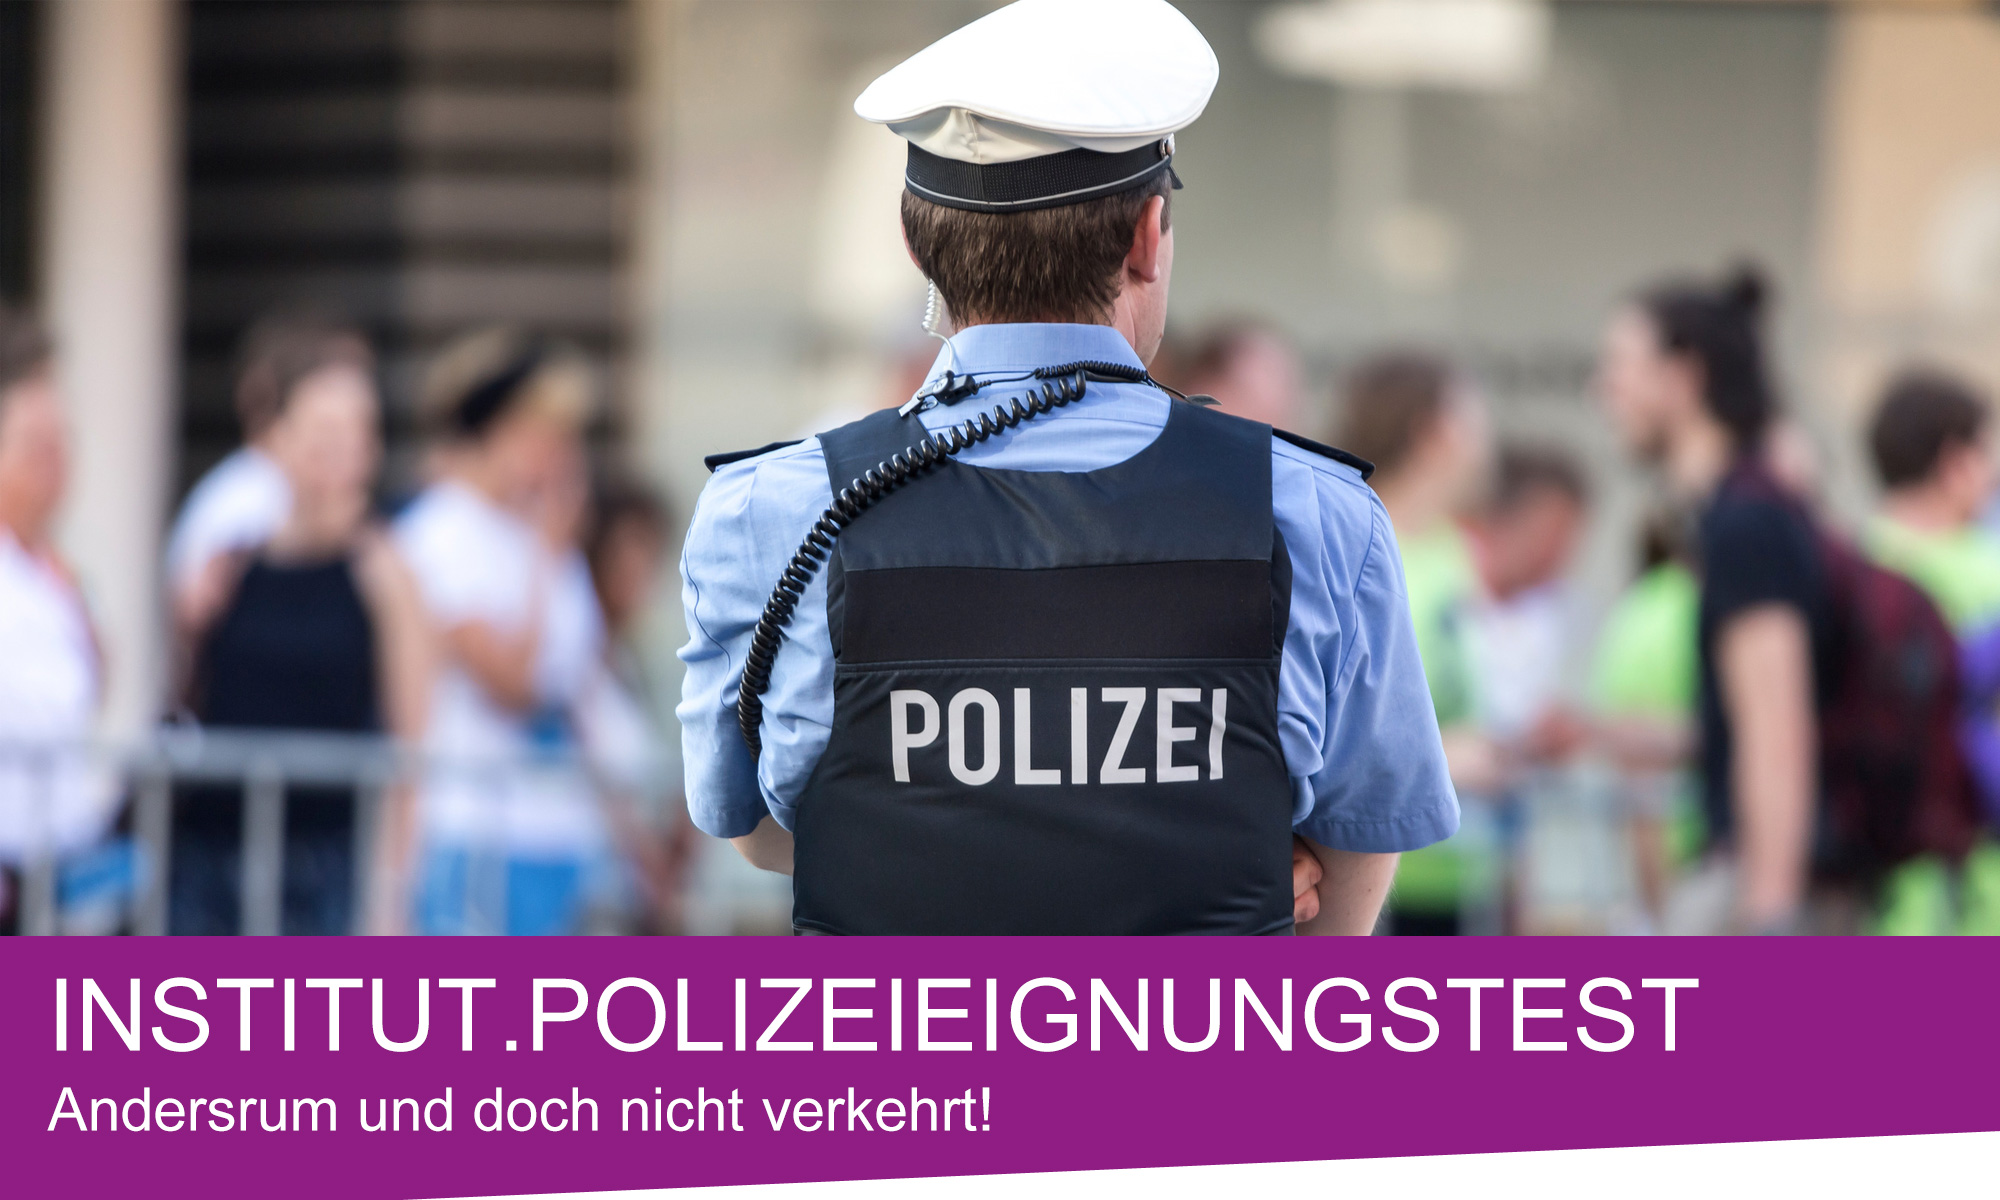 Aufnahmetest; Polizei; Aufnahmetest Polizei; Eignungstest; Polizeischule